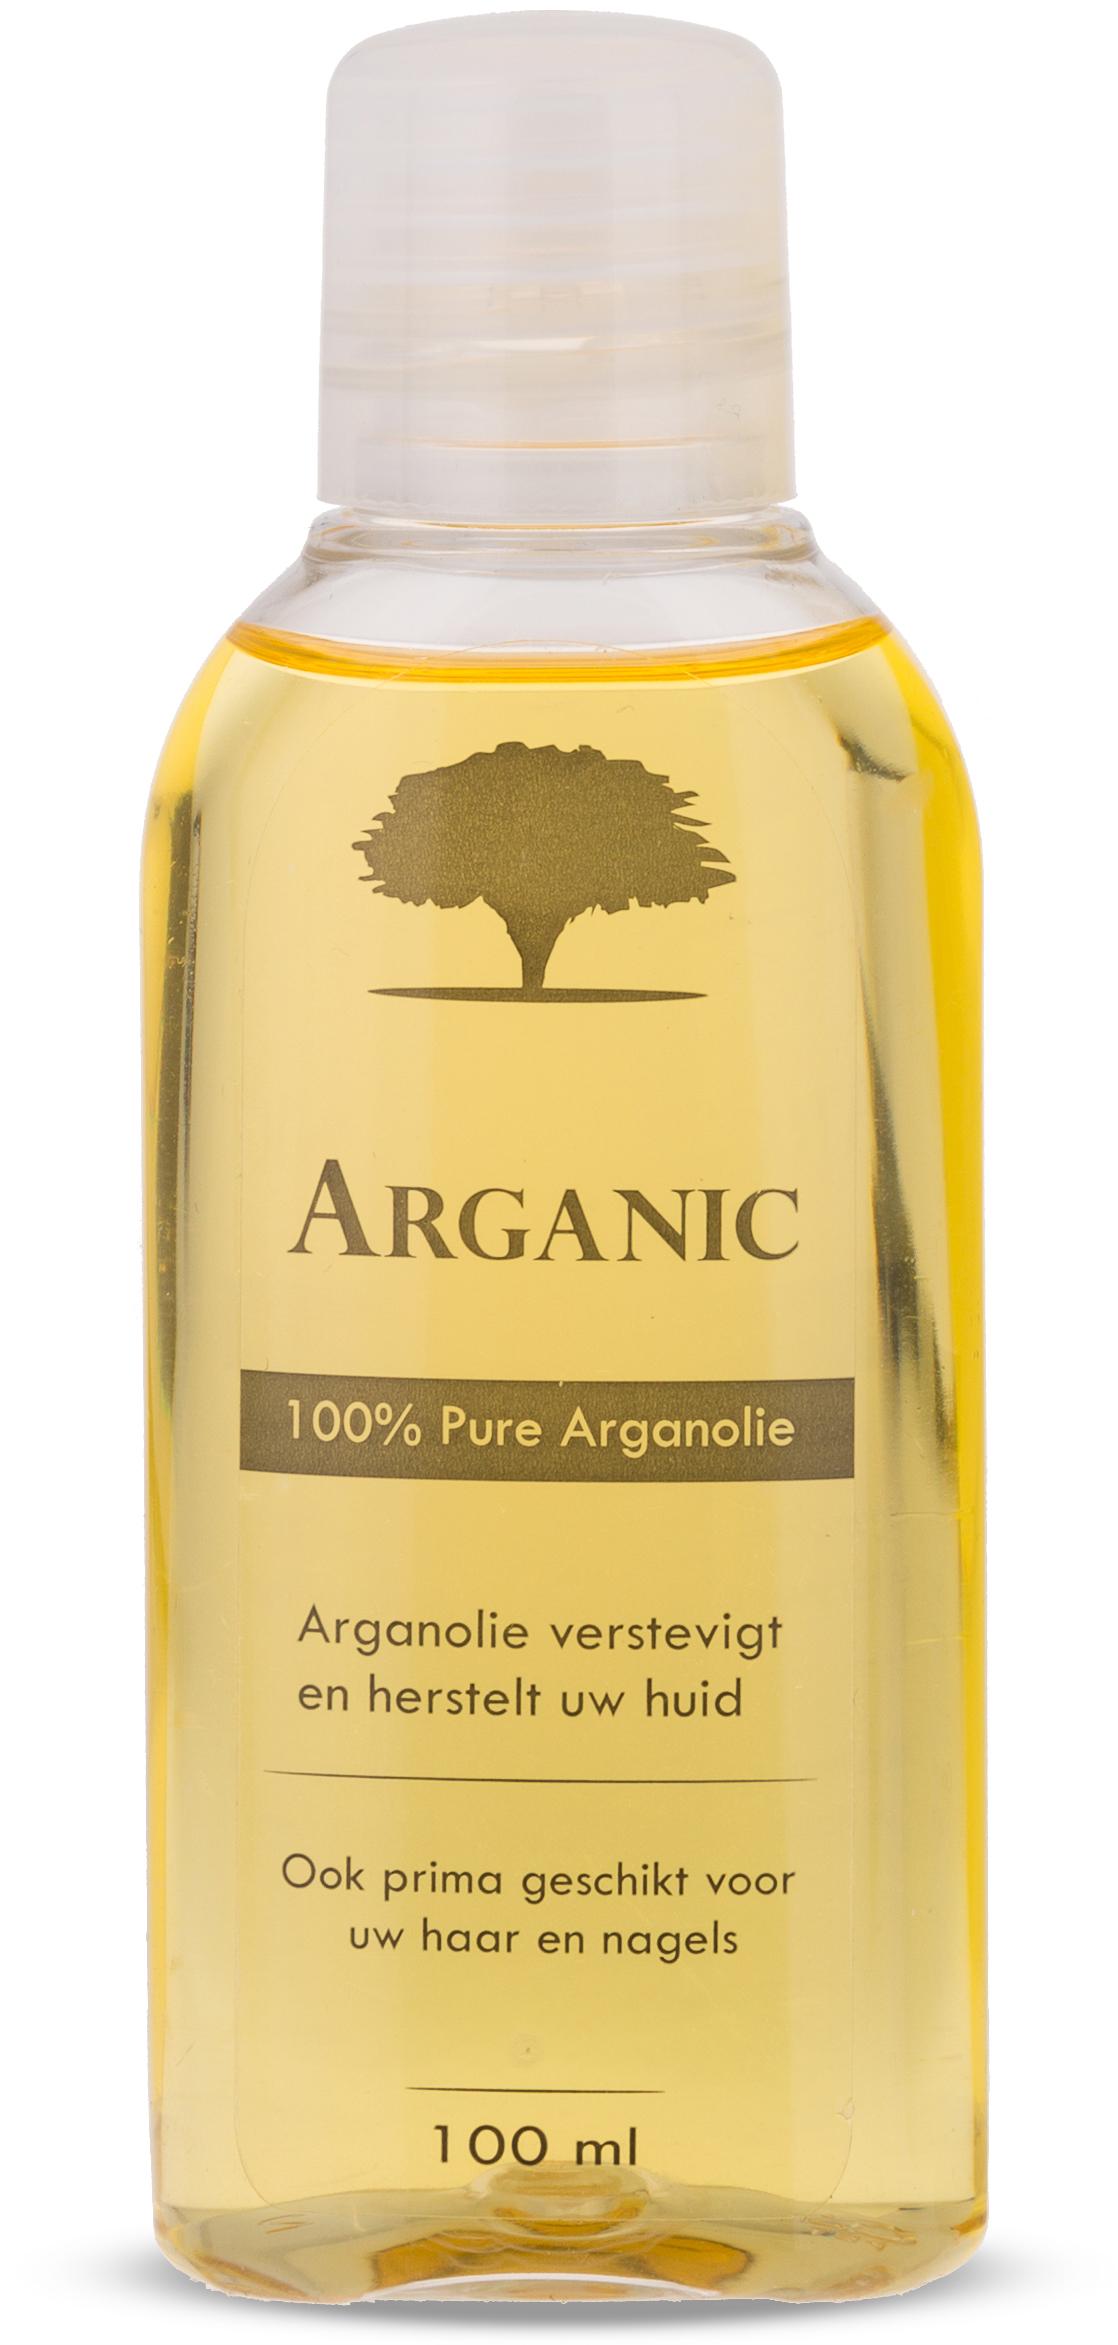 Plastic fles cosmetische arganolie 100ml Arganic